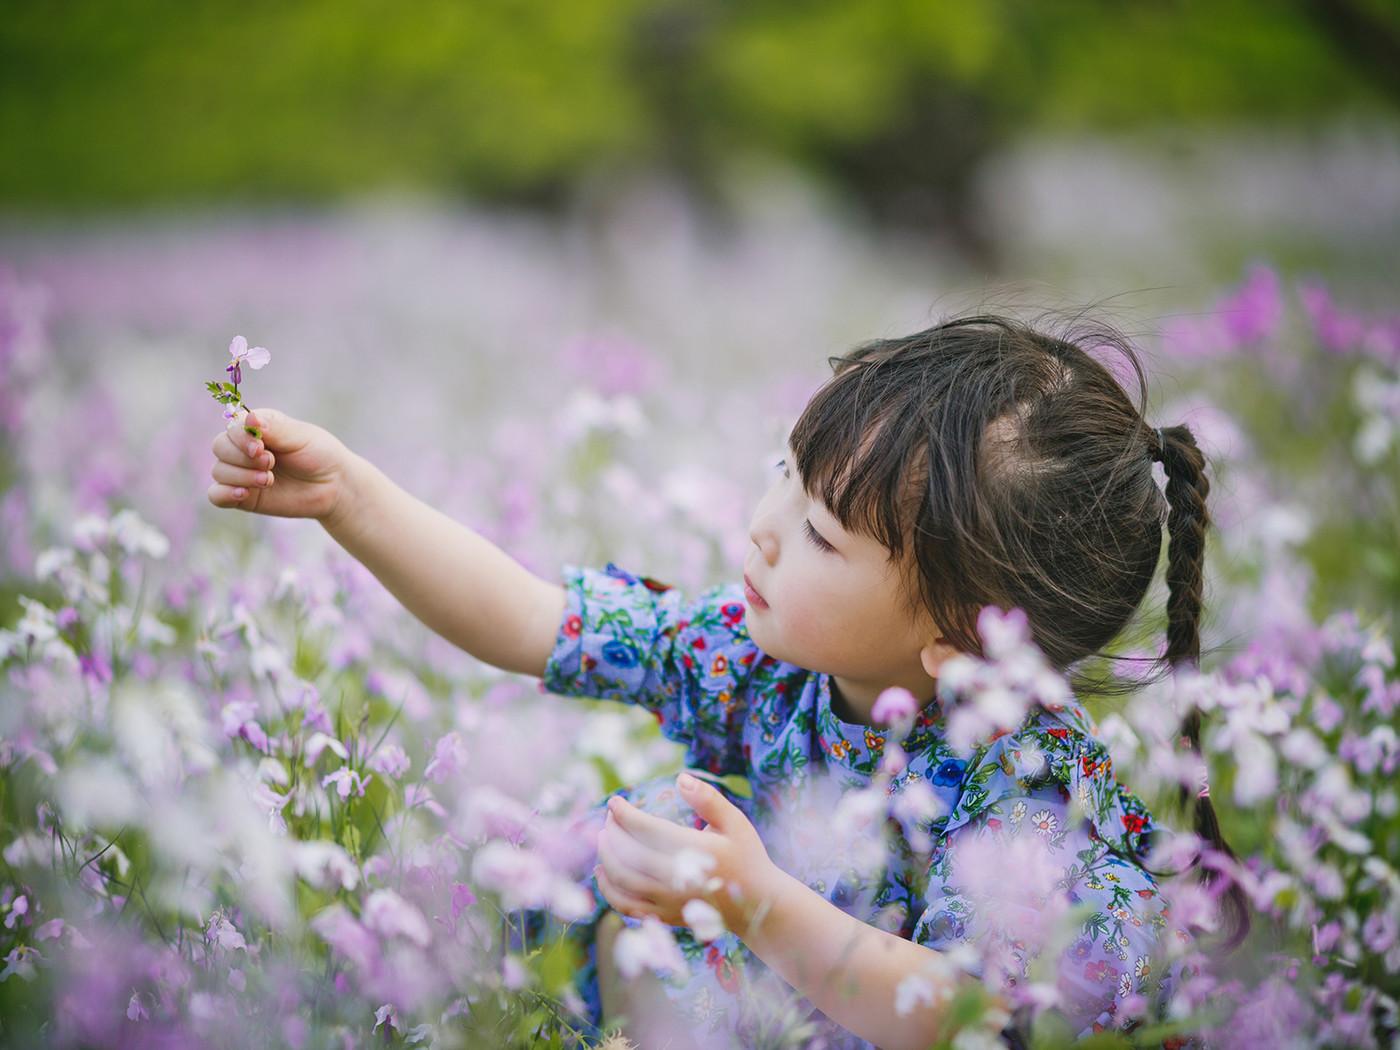 春天在哪里?1